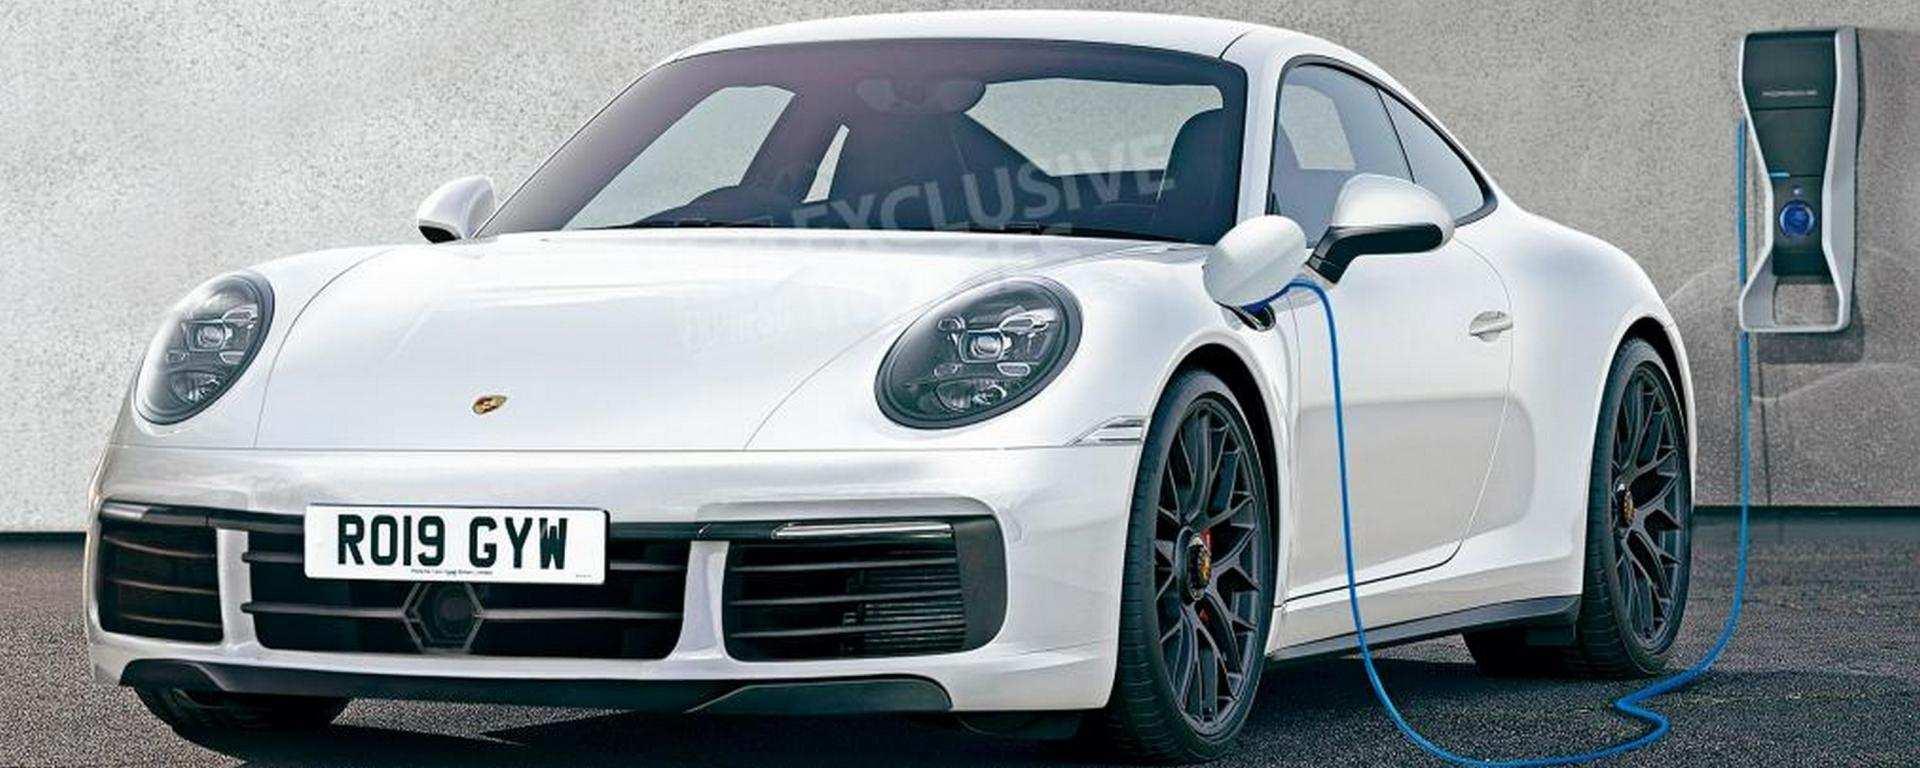 97 New Porsche Novita 2019 Wallpaper for Porsche Novita 2019